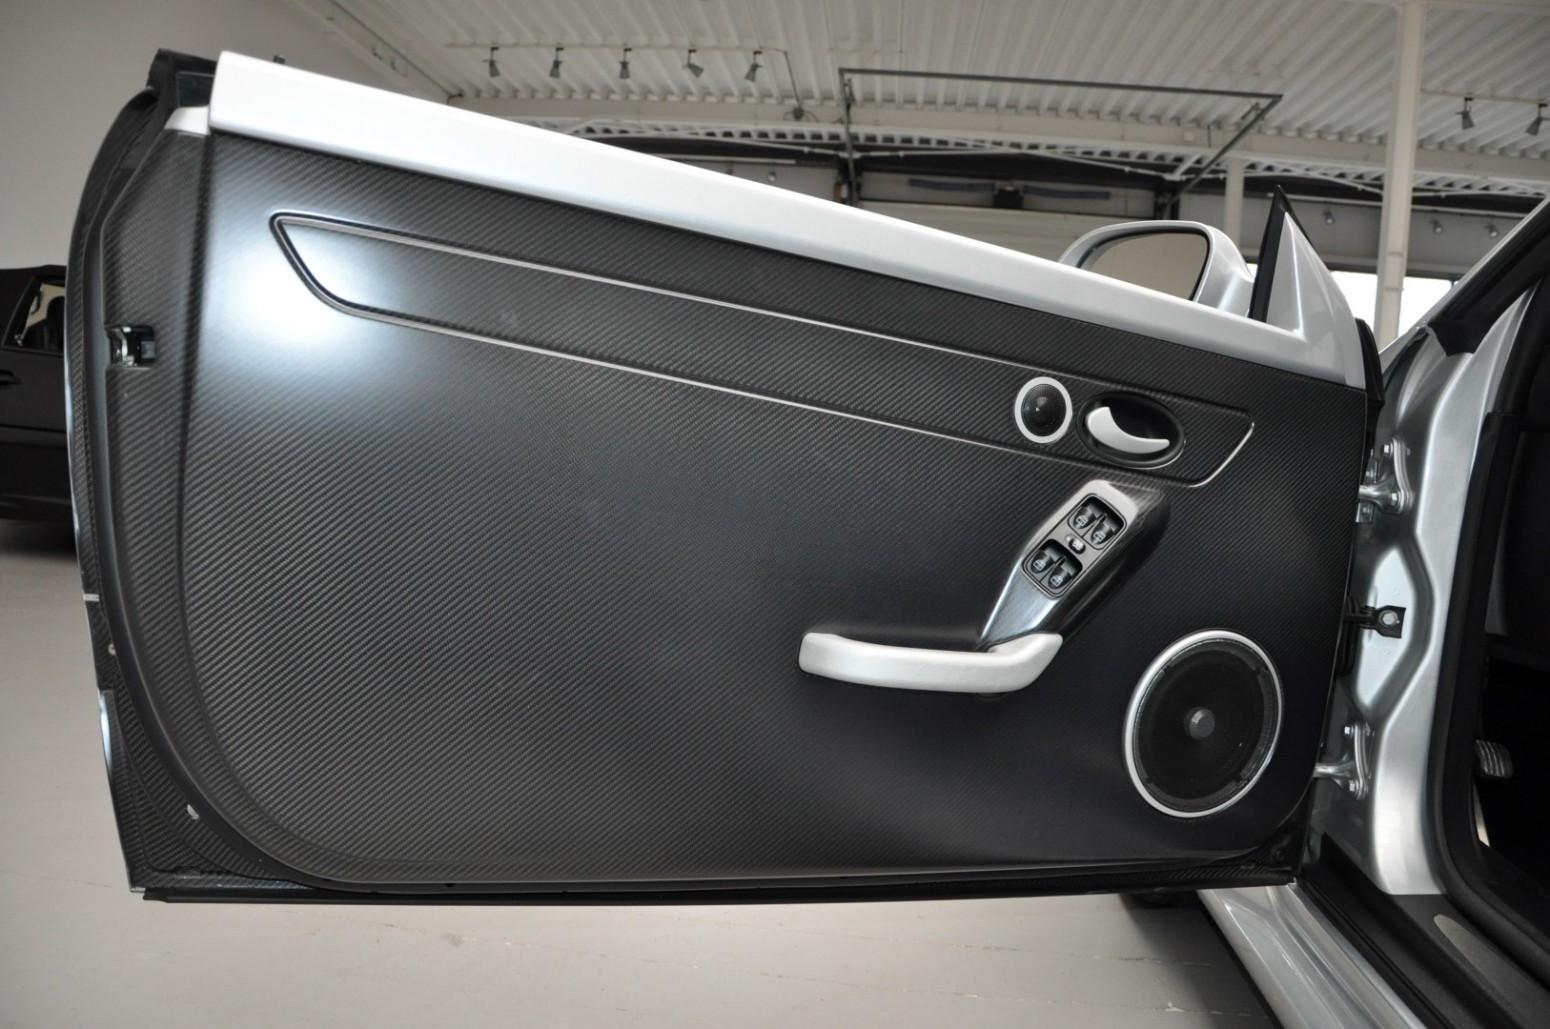 mercedes-clk-dtm-amg-cabrio-used-23.jpg